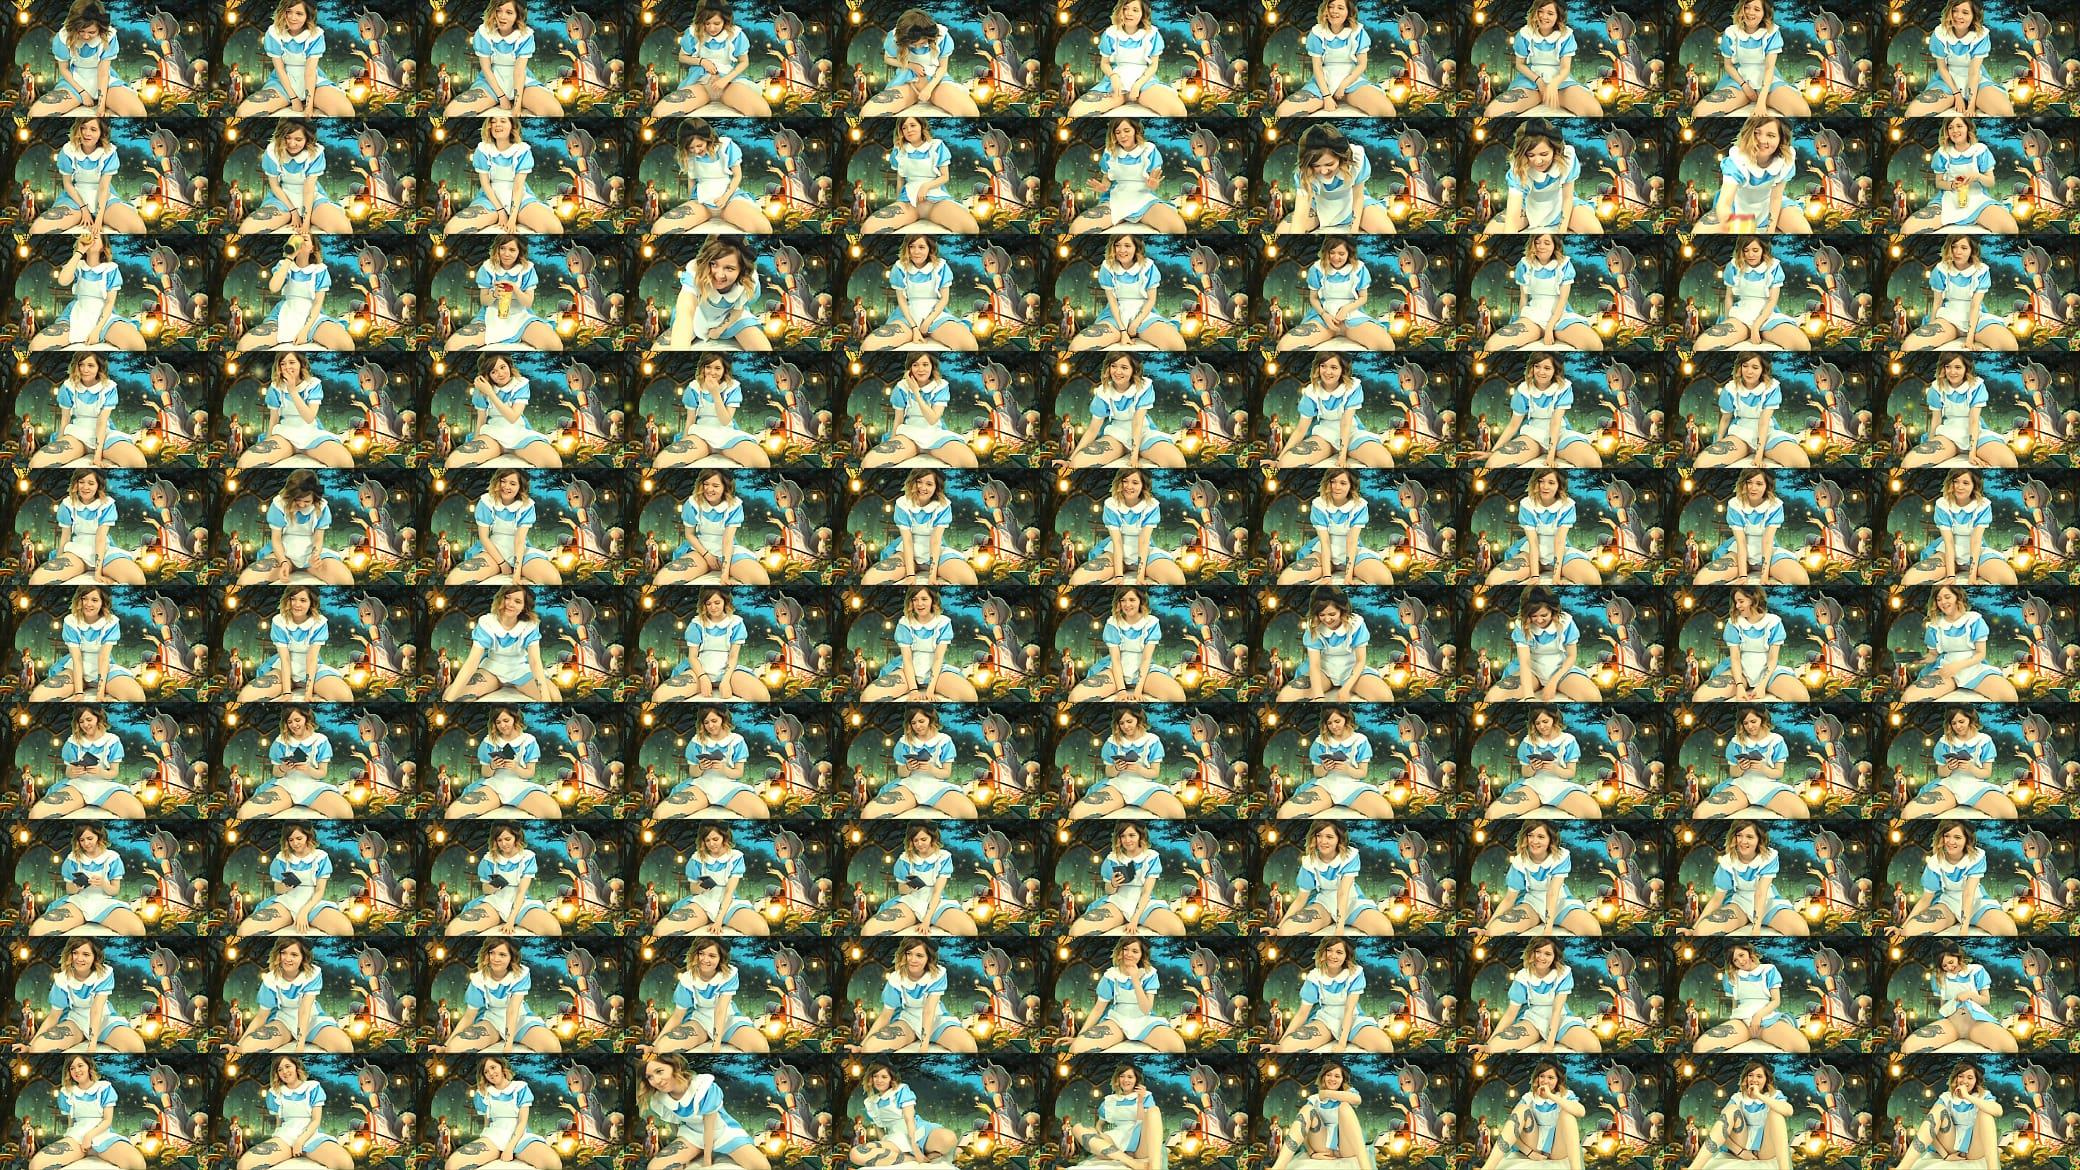 Alice In Wonderland A Musical Porno 1976 alice in wonderland link de video completo en mi perfil